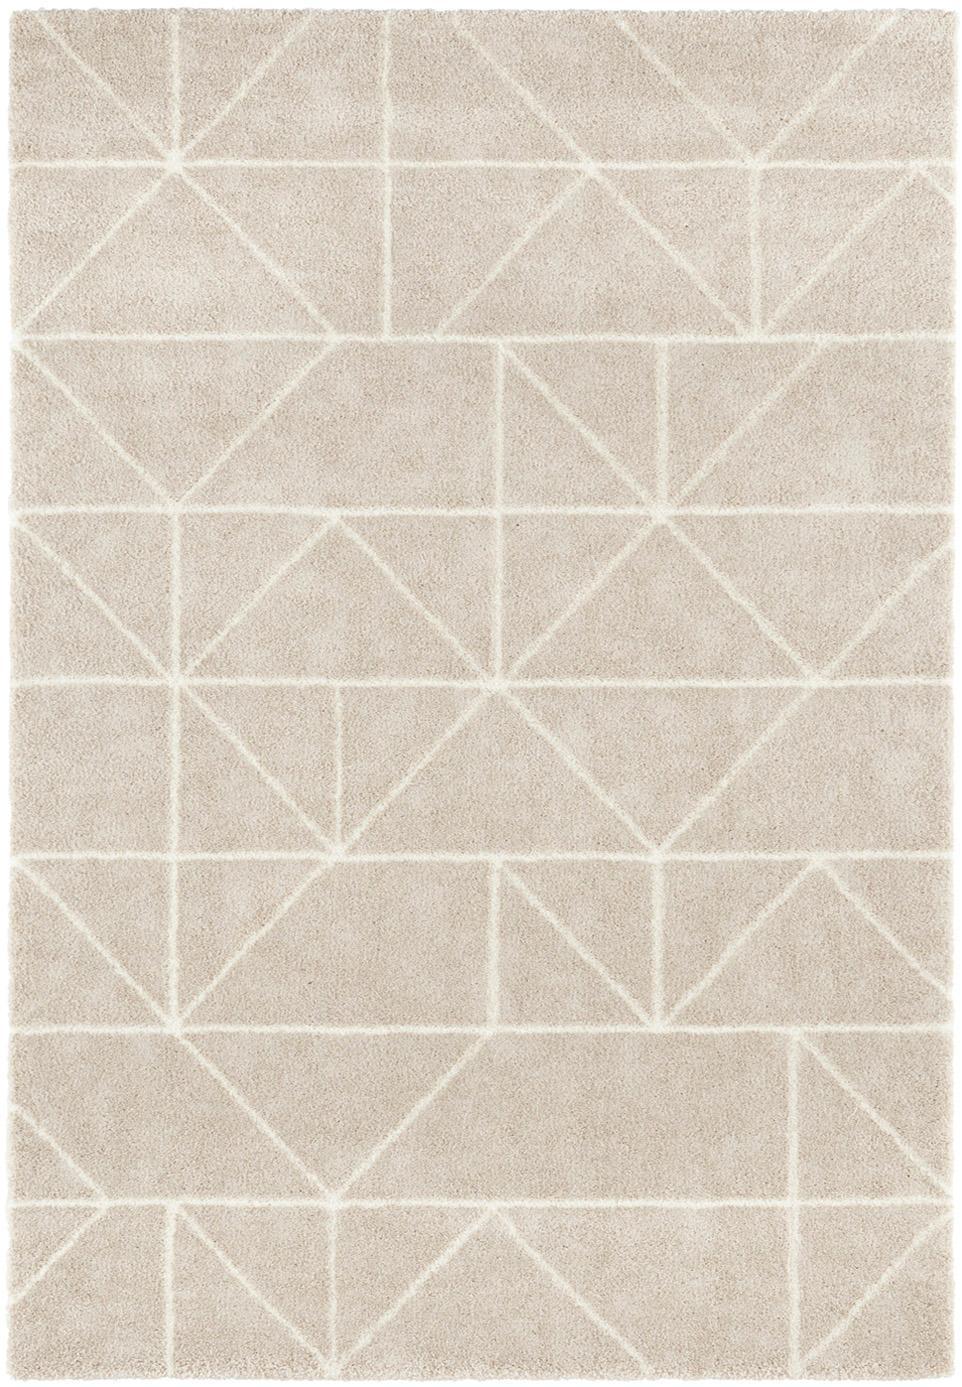 Tappeto in polipropilene con motivi grafici Arles, Retro: juta, Beige, crema, Larg. 160 x Lung. 230 cm (taglia M)